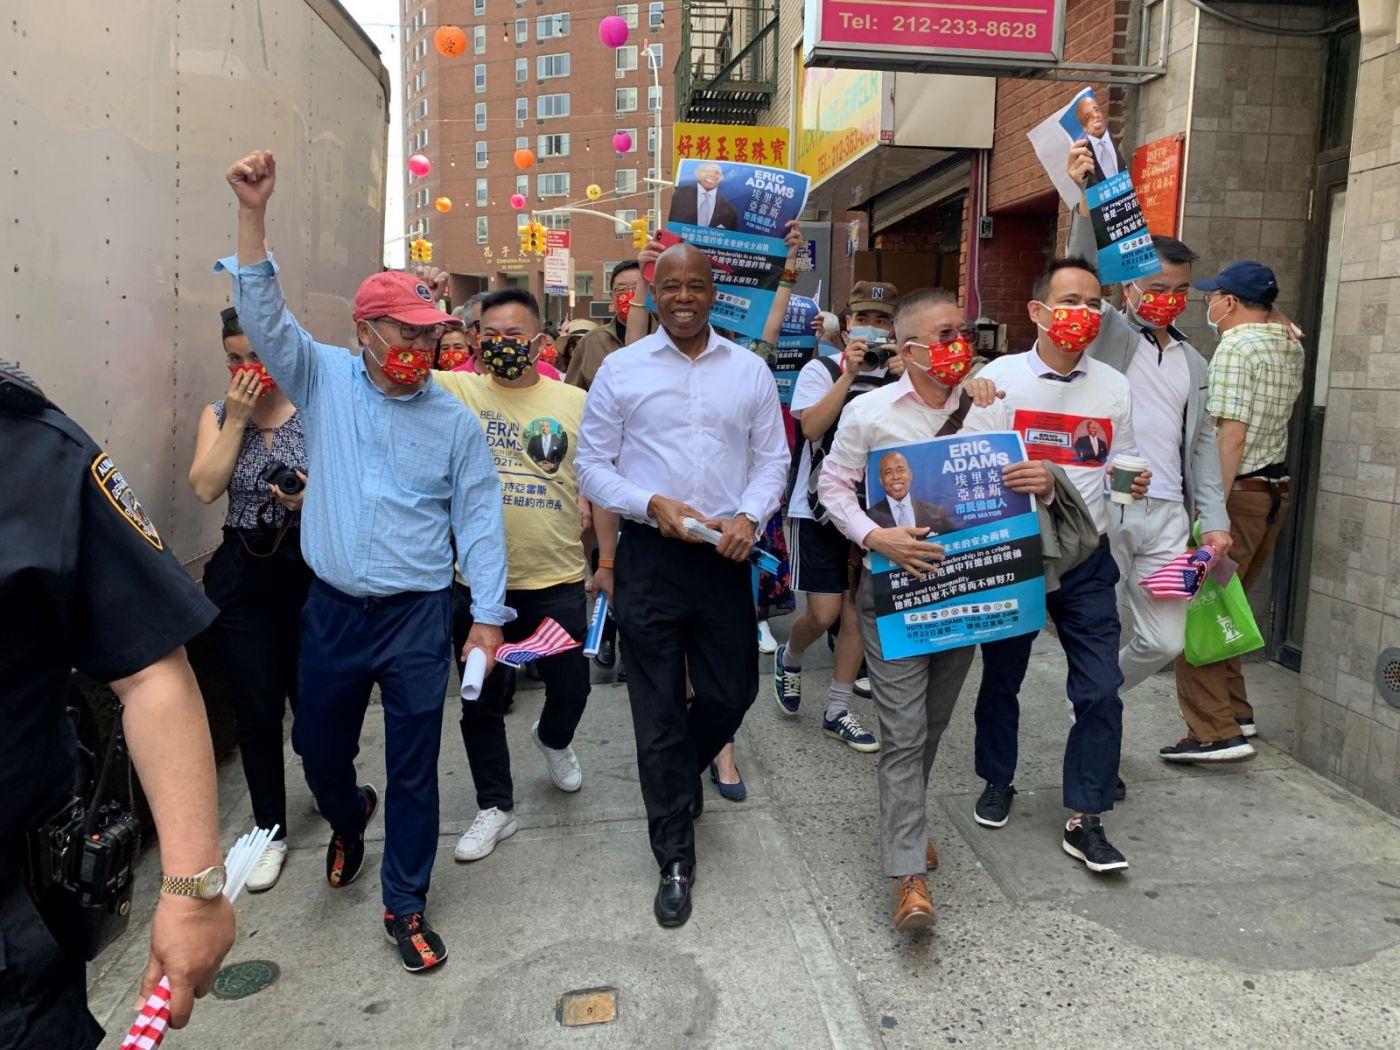 高娓娓:纽约市长竞选人亚当斯拜访唐人街社区民众_图1-8